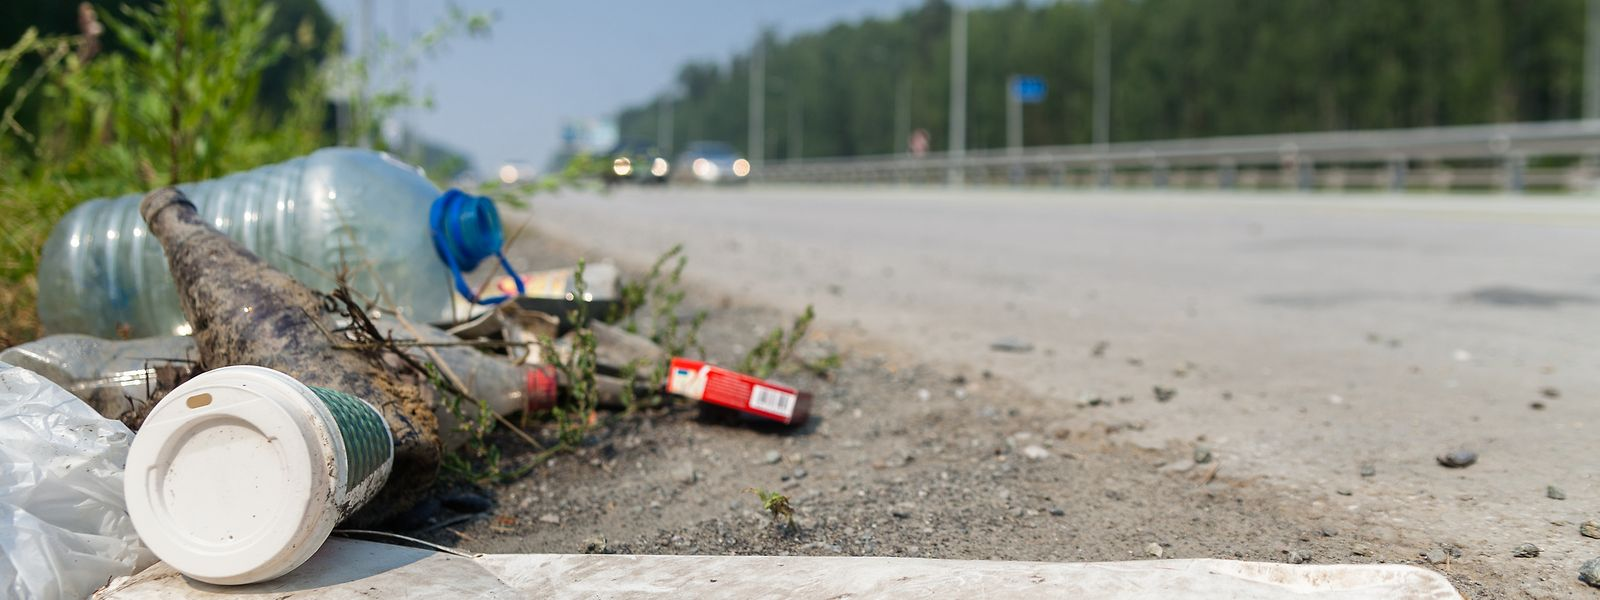 Chaque année, 216 kg de déchets sont ramassés à chaque kilomètre d'autoroute.